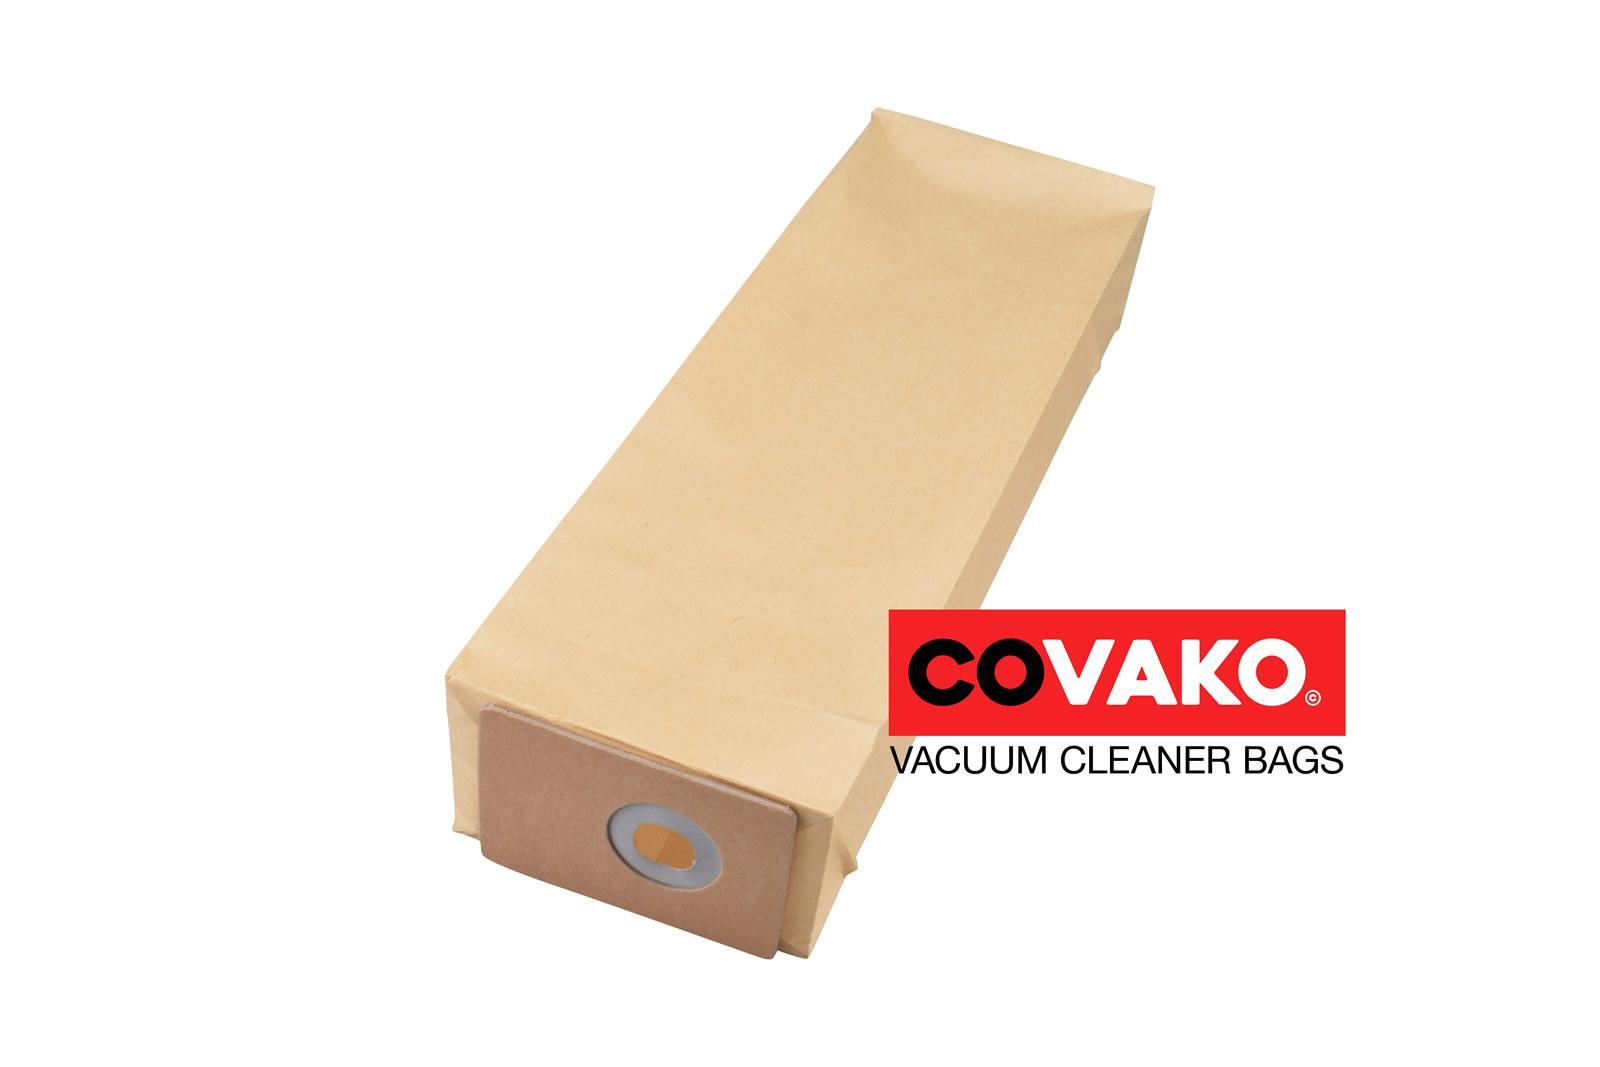 Nilfisk GU 15 DMU / Paper - Nilfisk vacuum cleaner bags